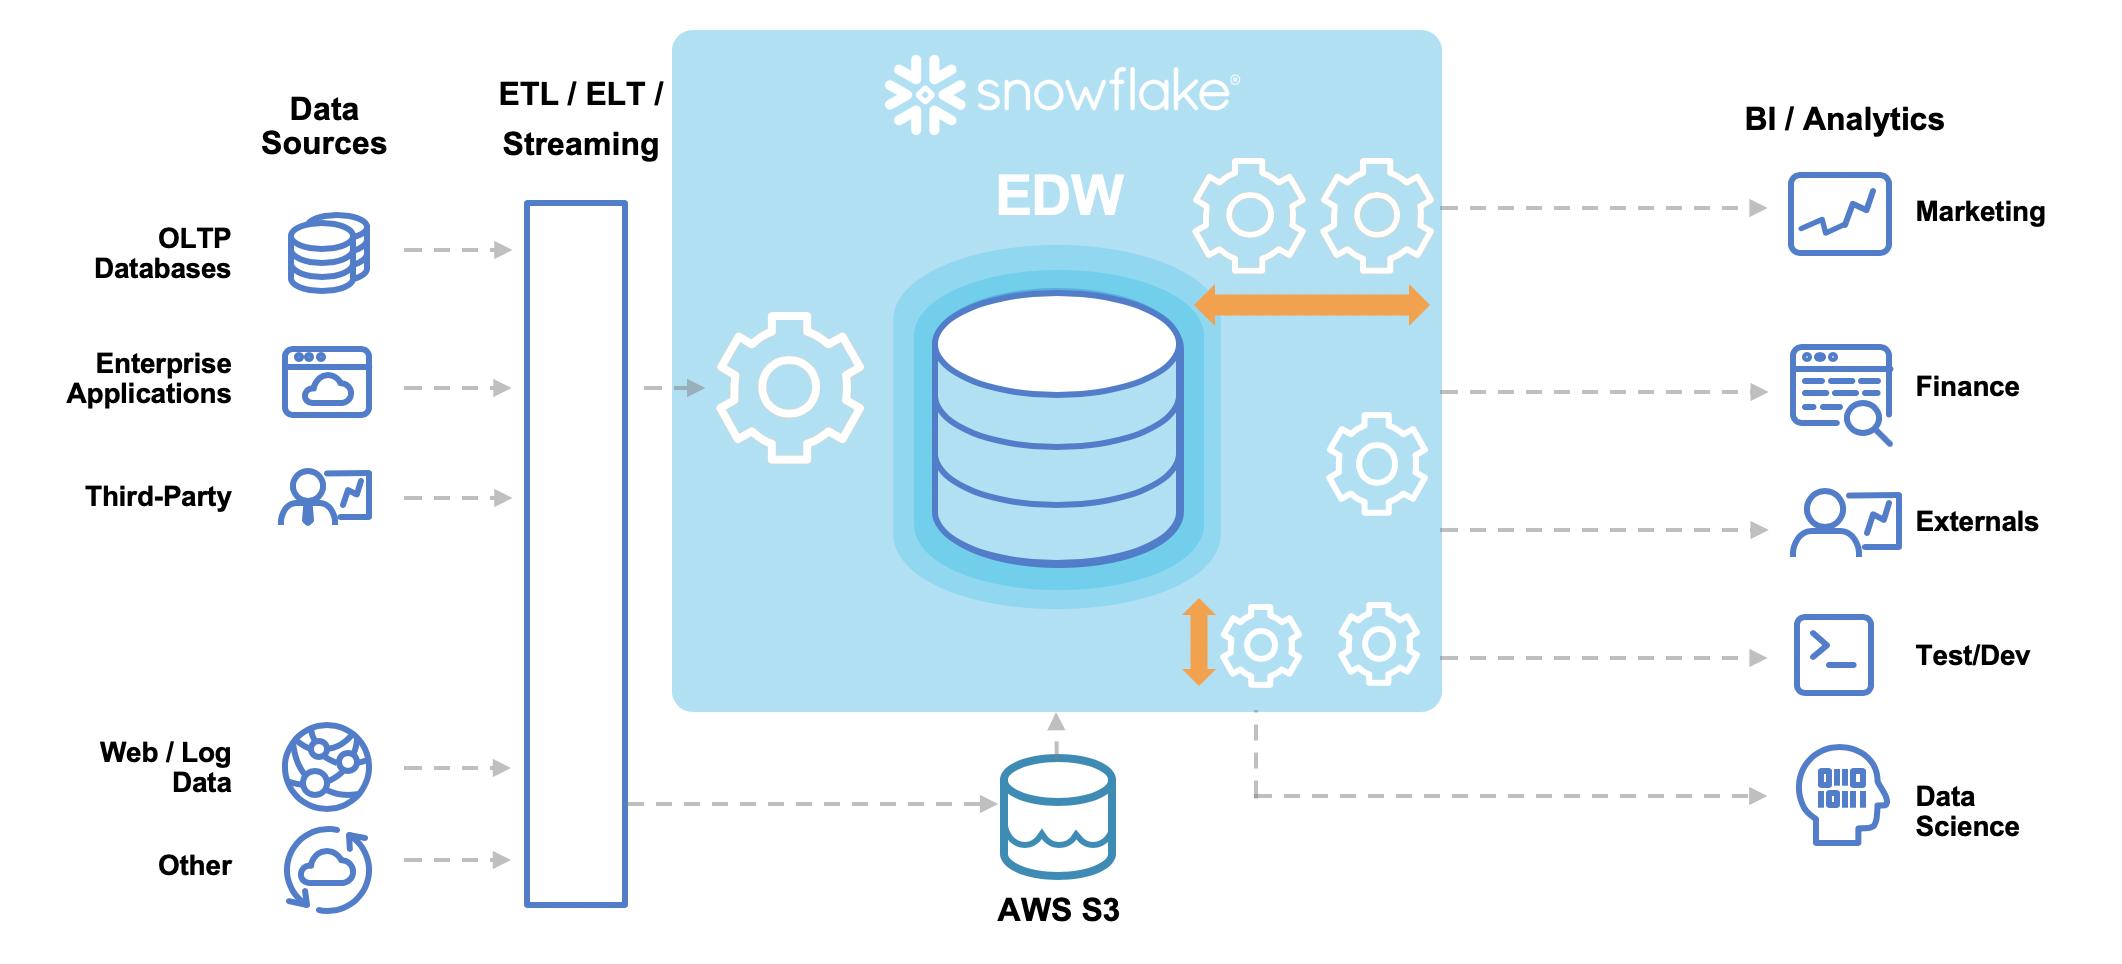 Snowflake Data Warehouse on AWS